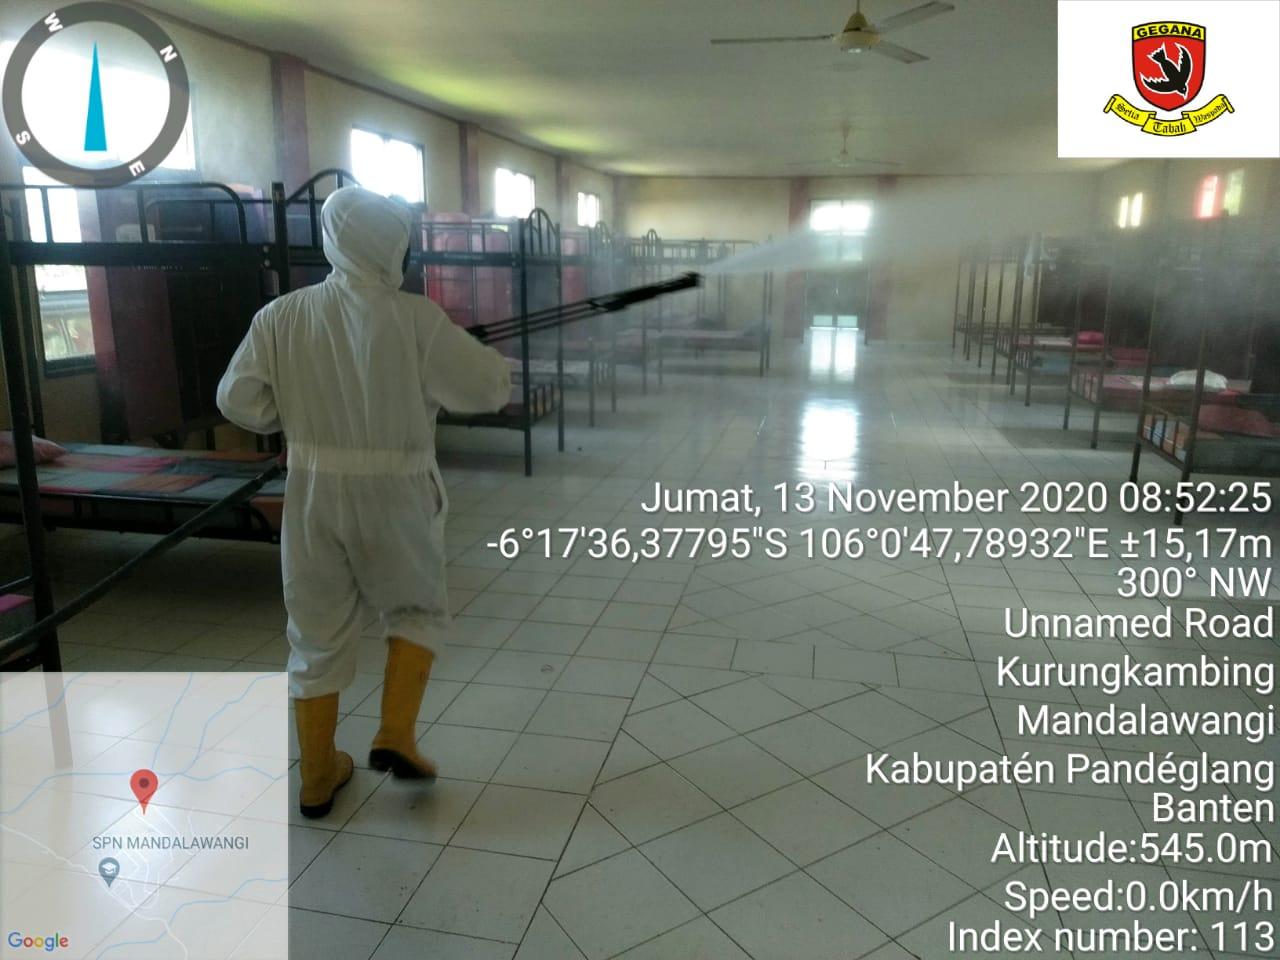 whatsapp-image-2020-11-13-at-17-56-25